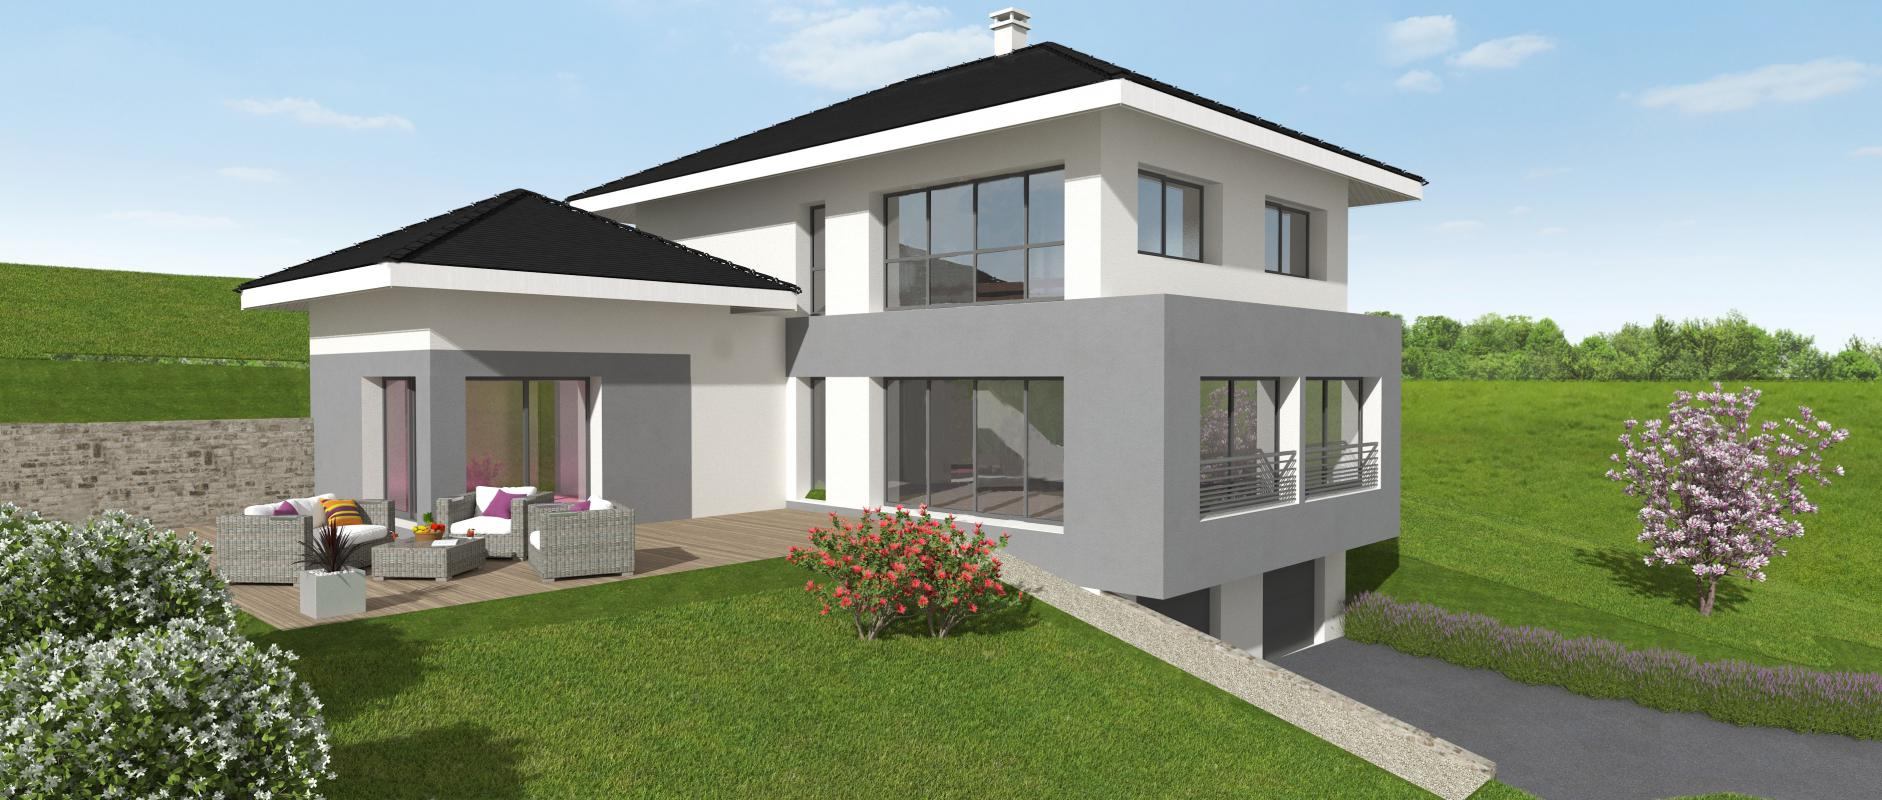 Maisons + Terrains du constructeur MAISONS ALAIN METRAL • 140 m² • THYEZ